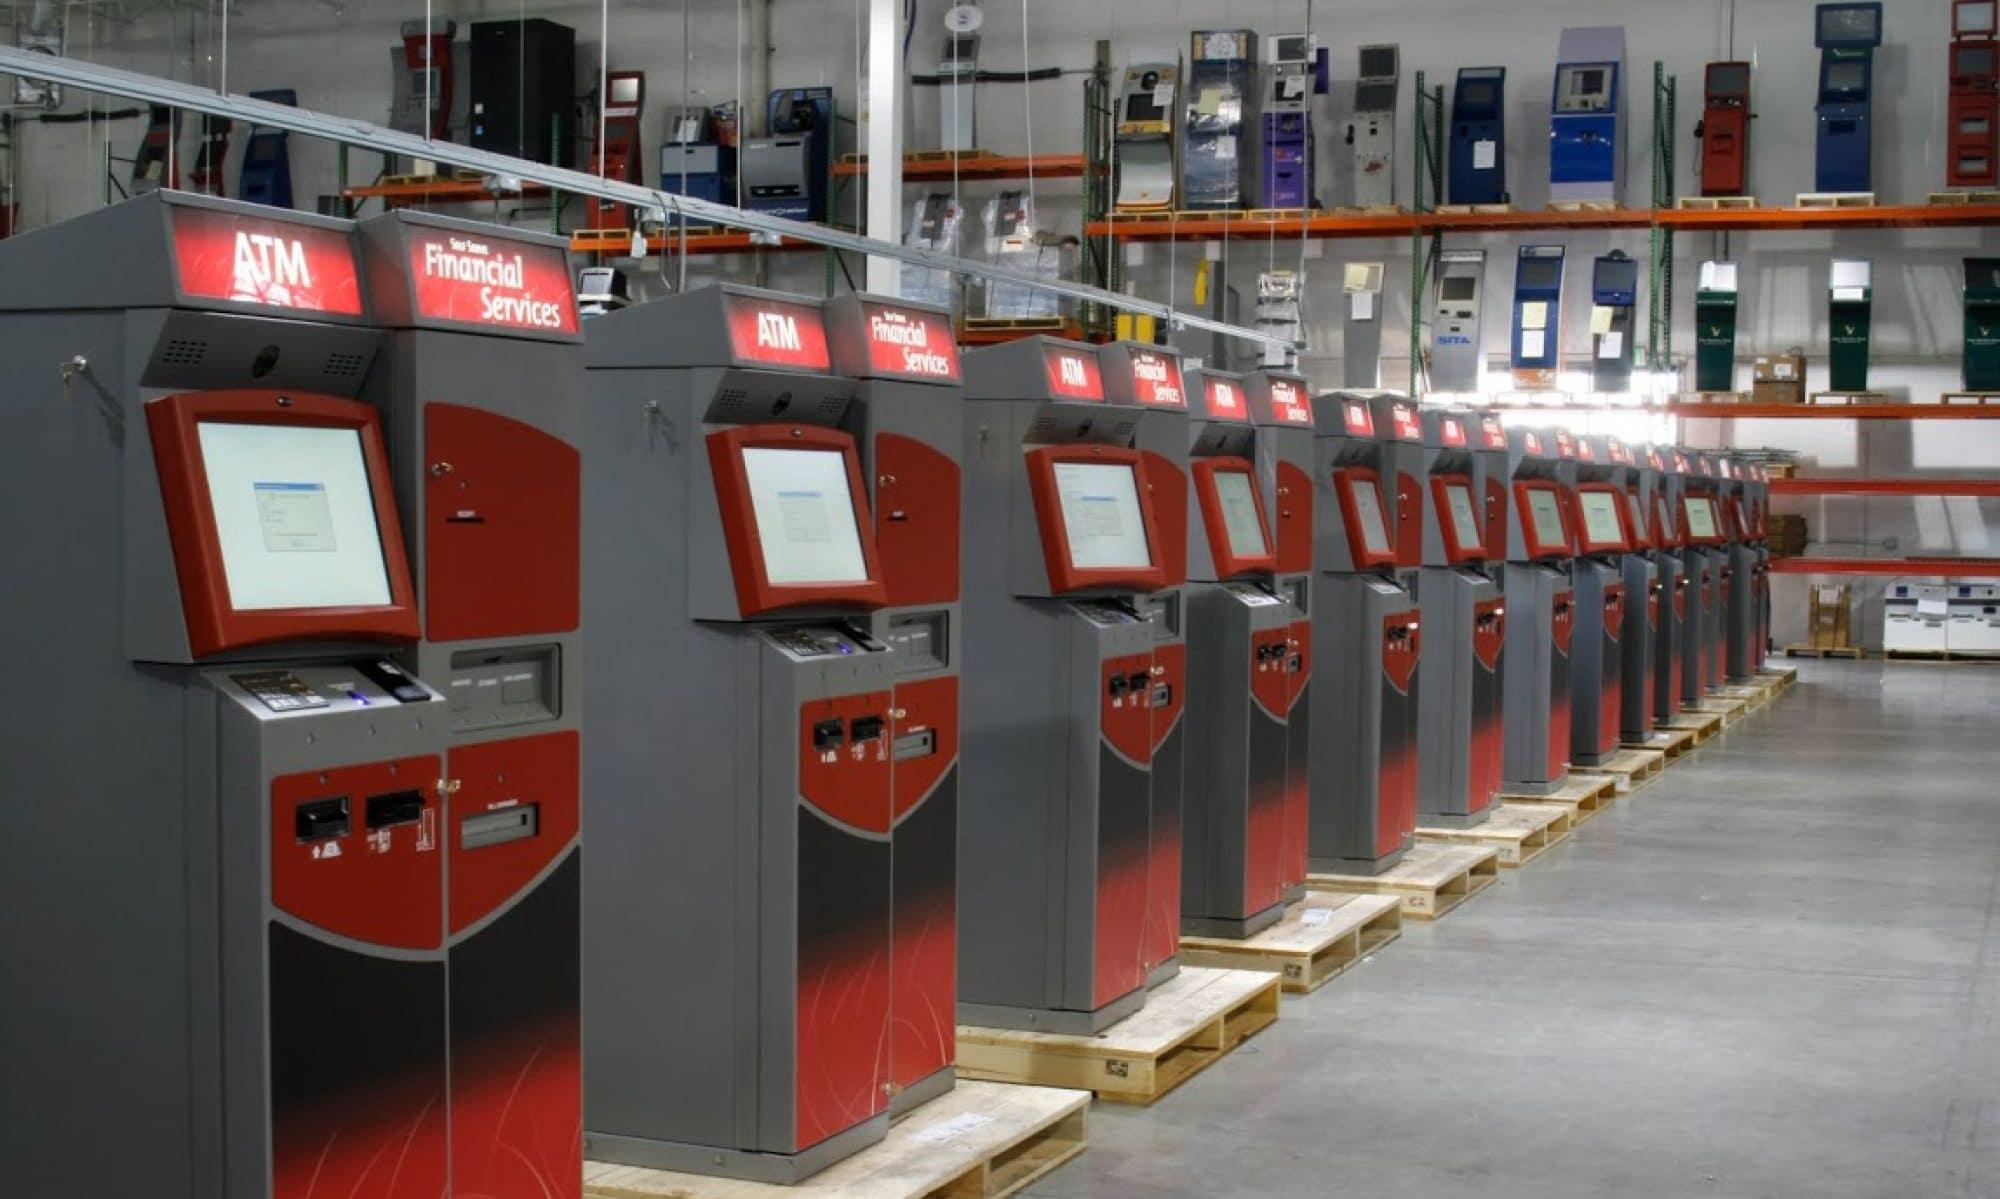 Kiosk Manufacturer Association KMA